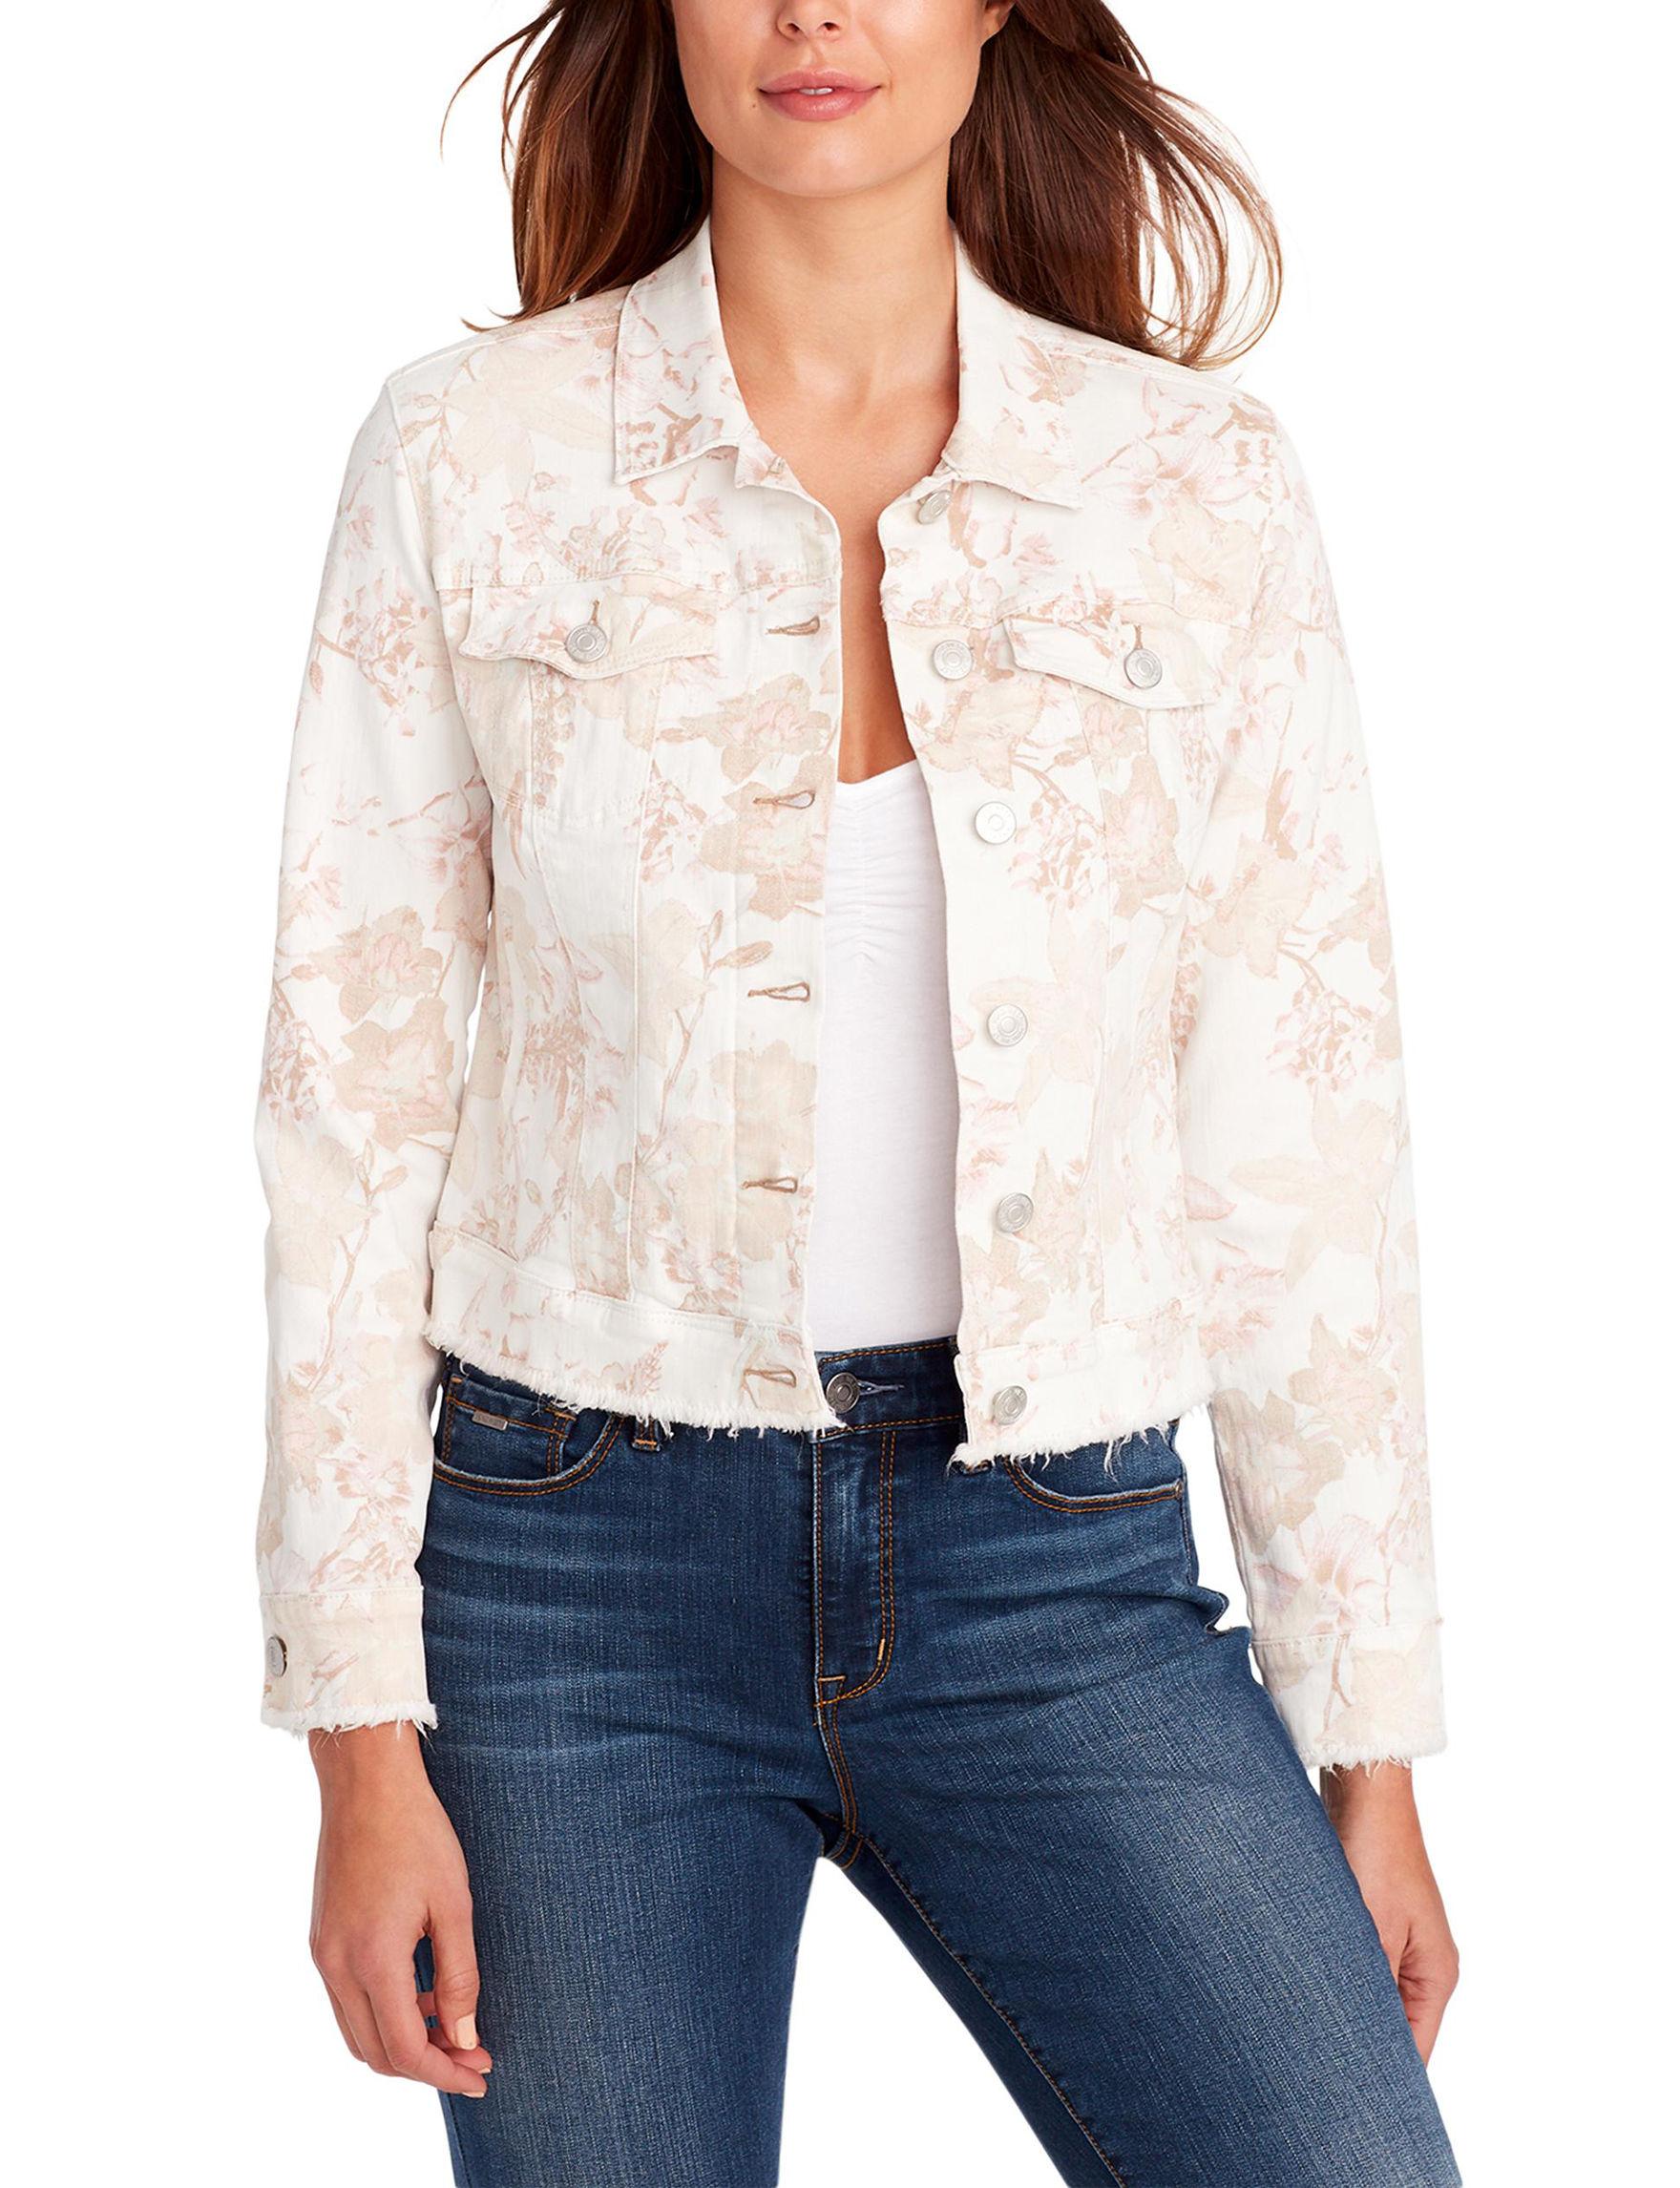 Nine West White Floral Denim Jackets